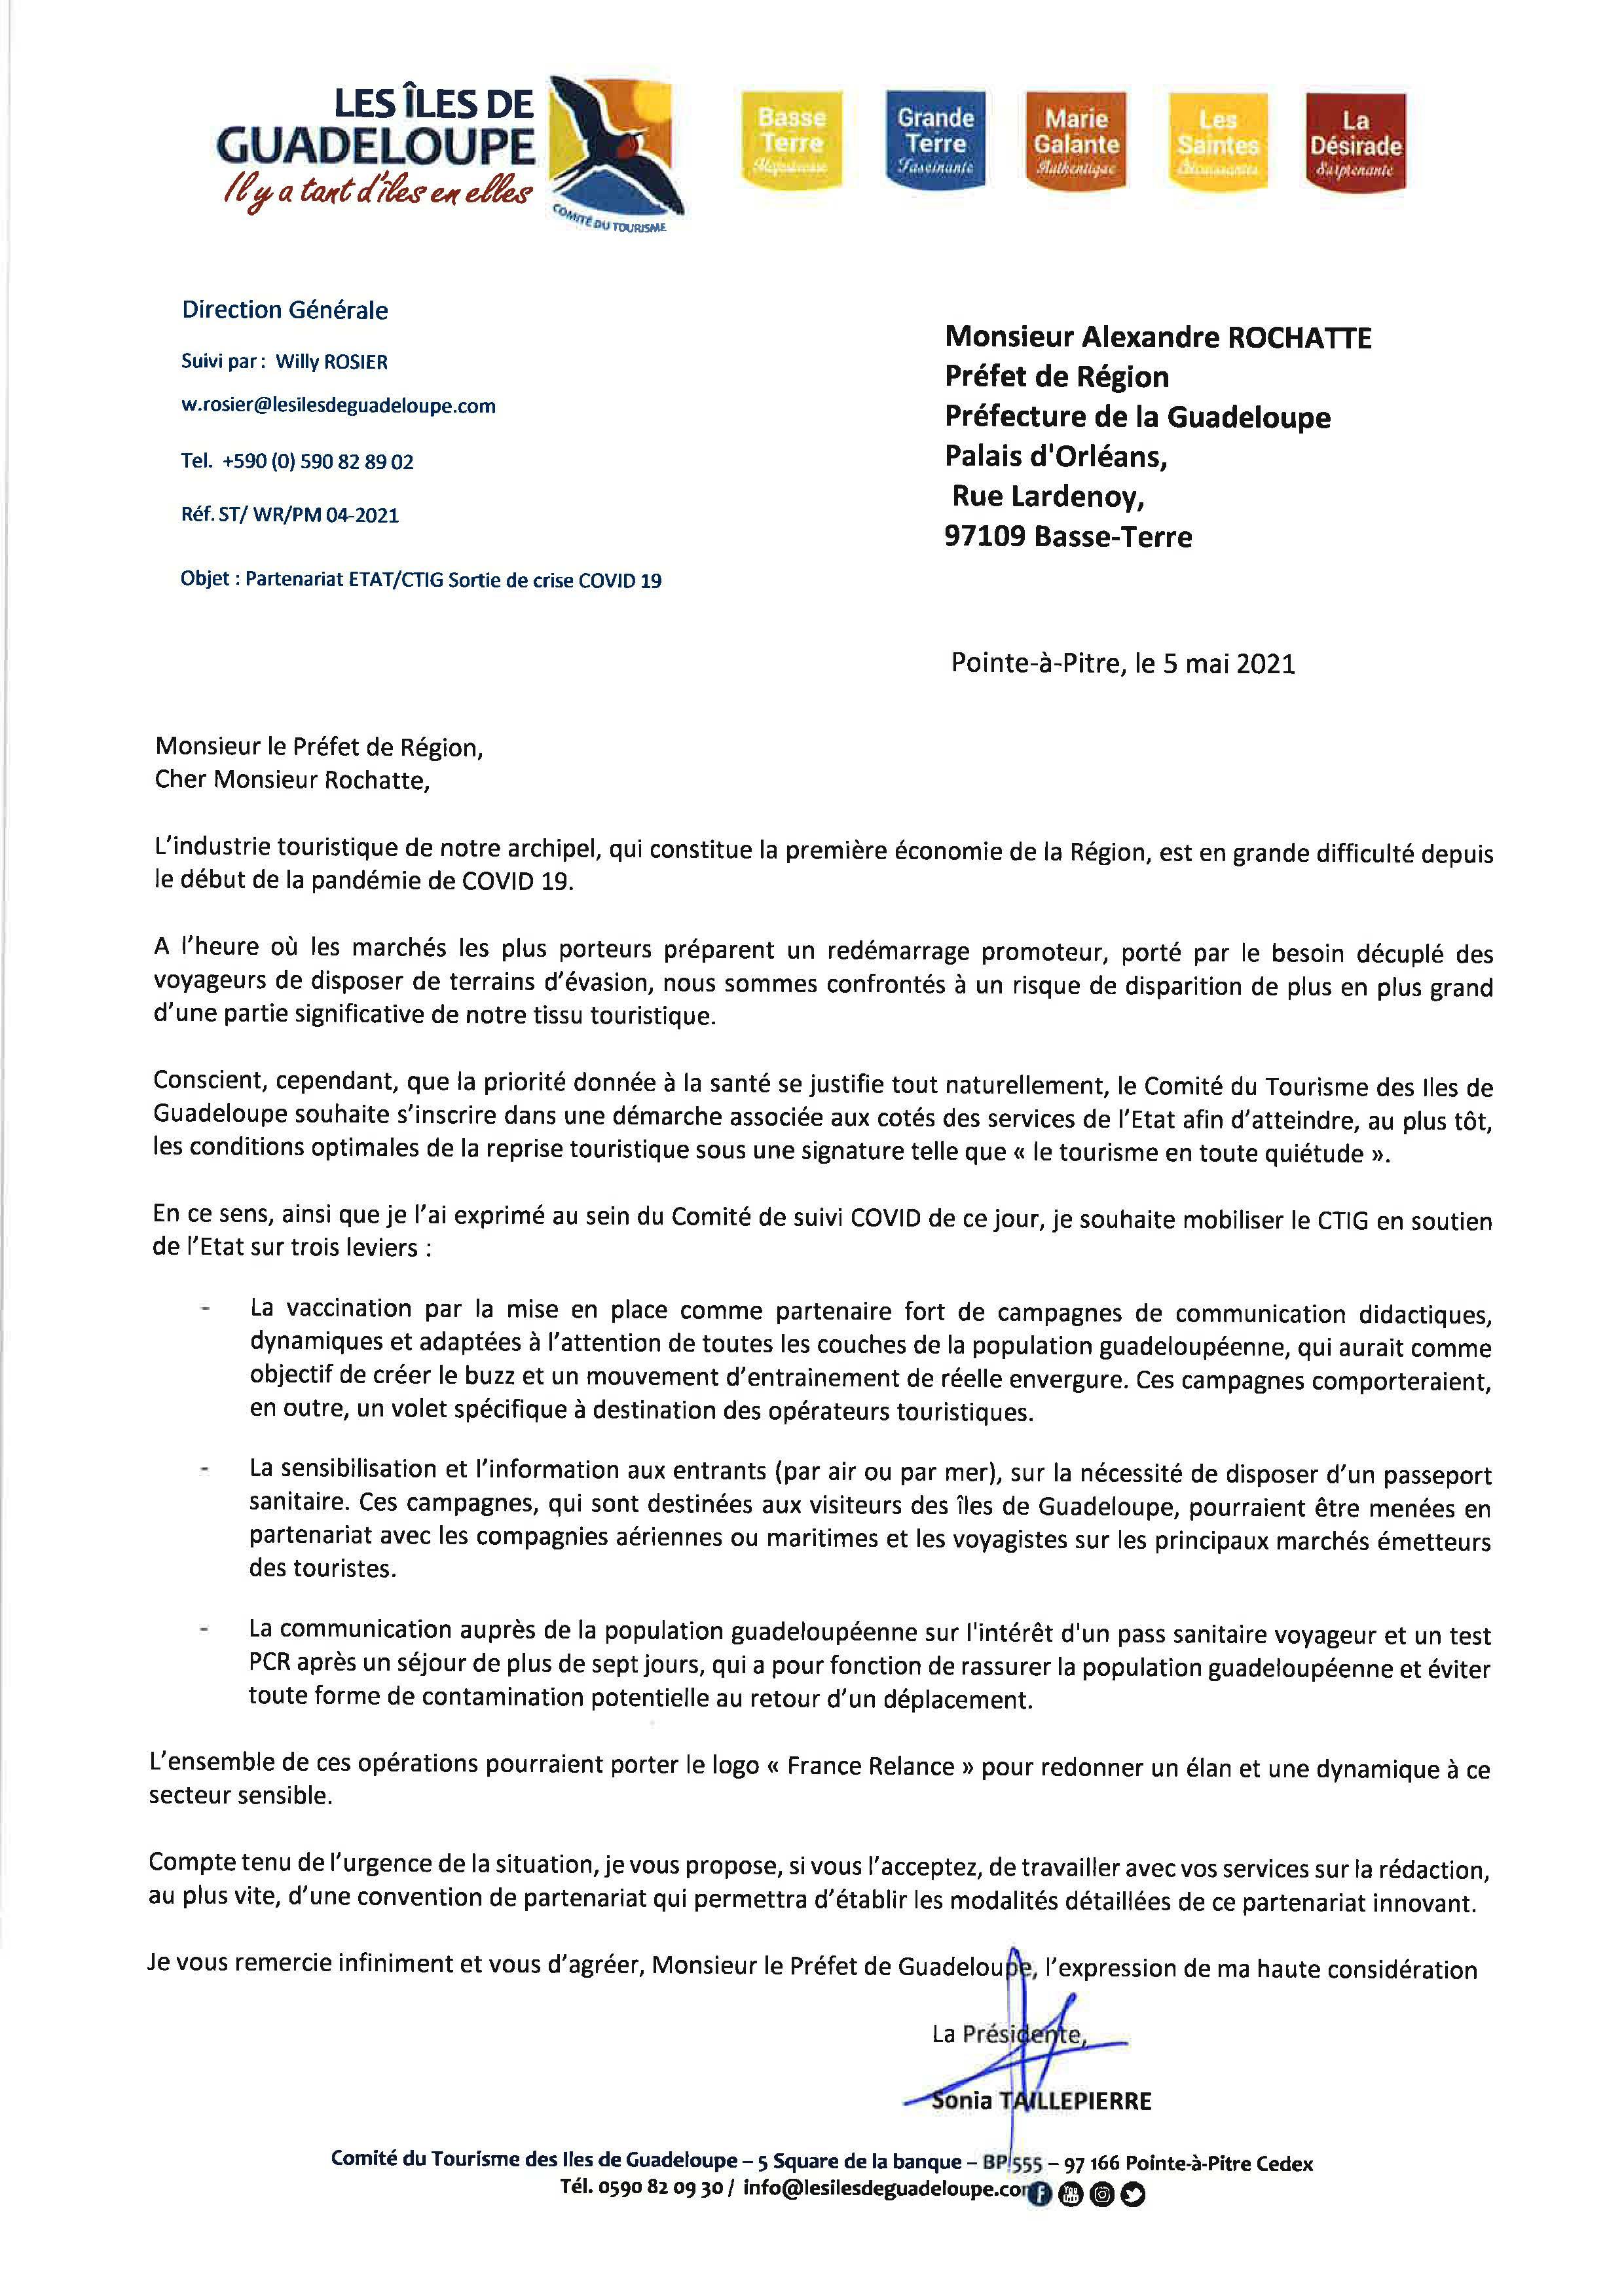 Guadeloupe : le CTIG propose un plan stratégique de sortie de crise